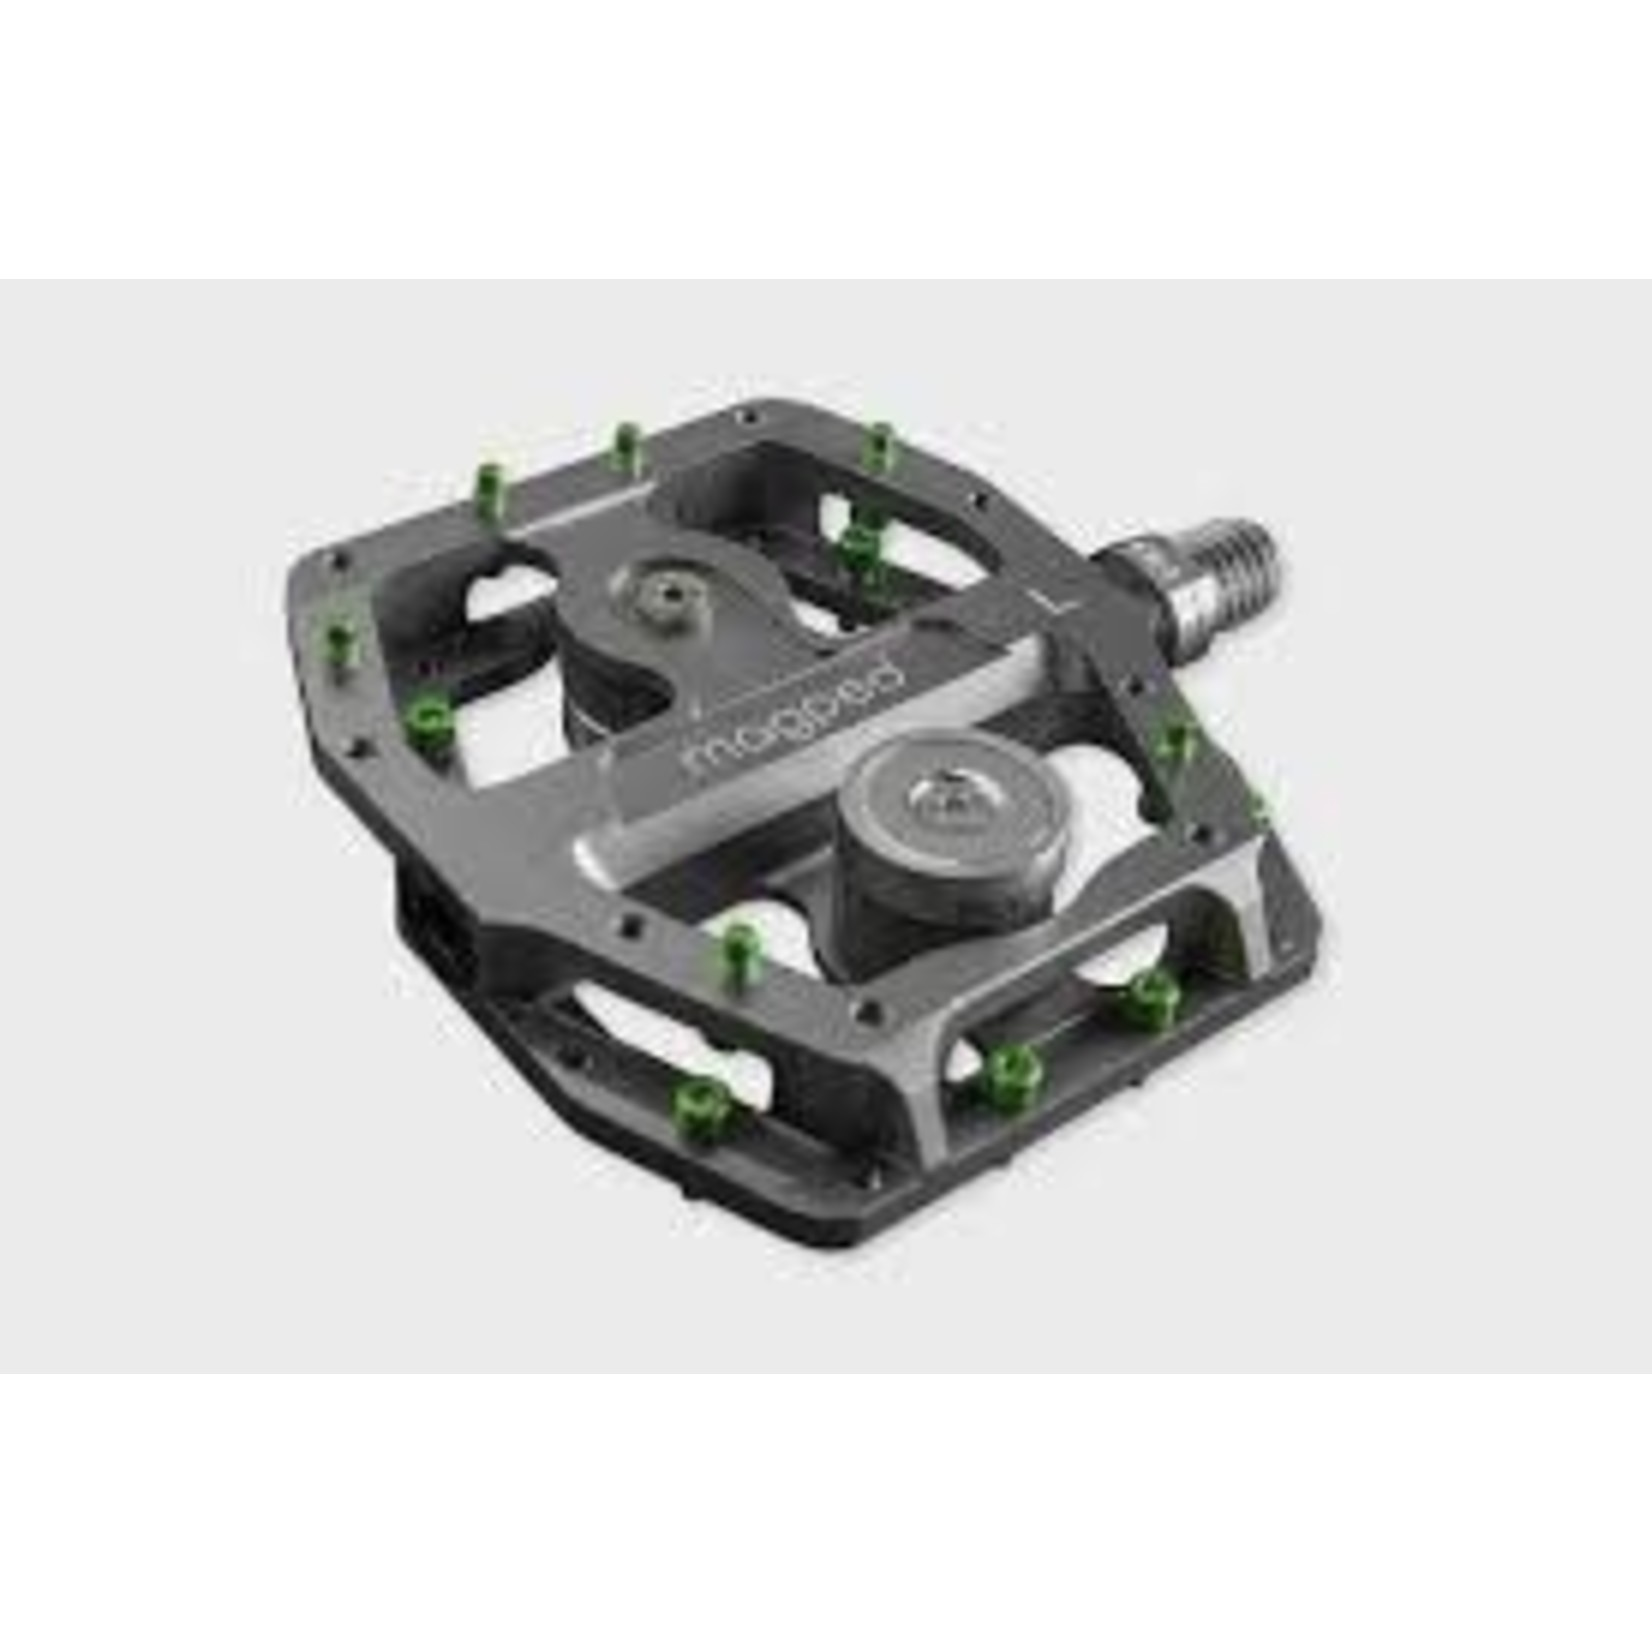 MagPed MagPed - pedali enduro 150 grigio